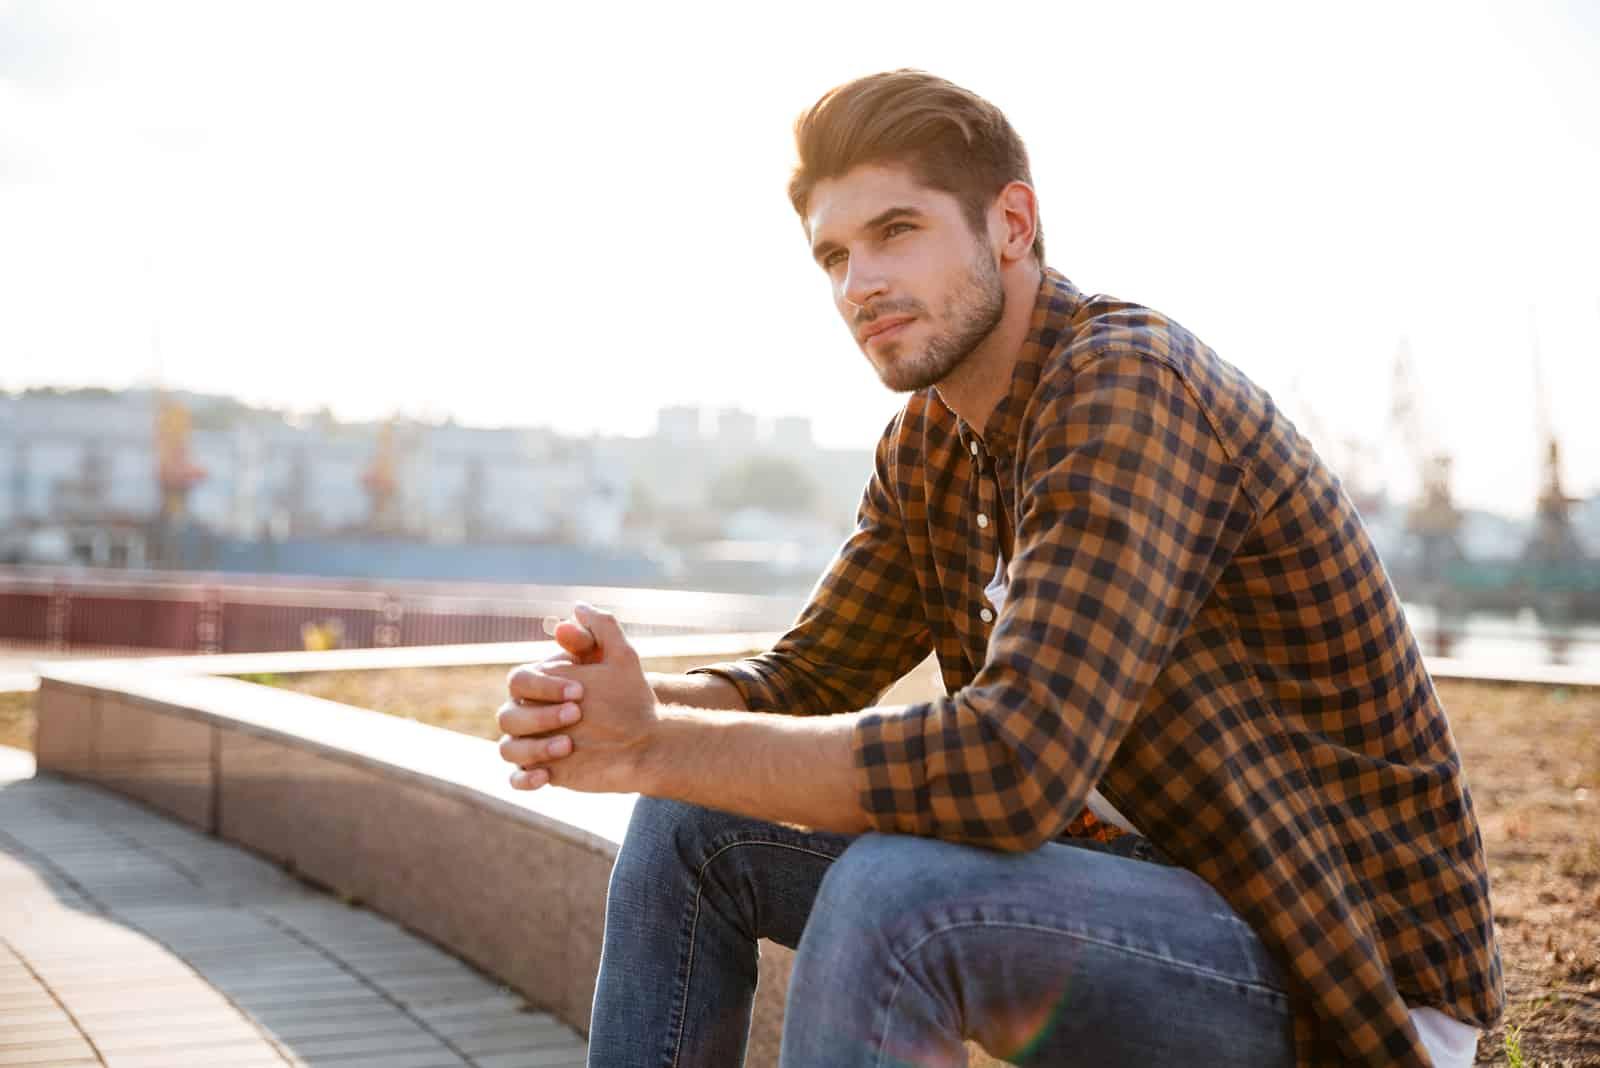 pensive jeune homme assis sur le toit